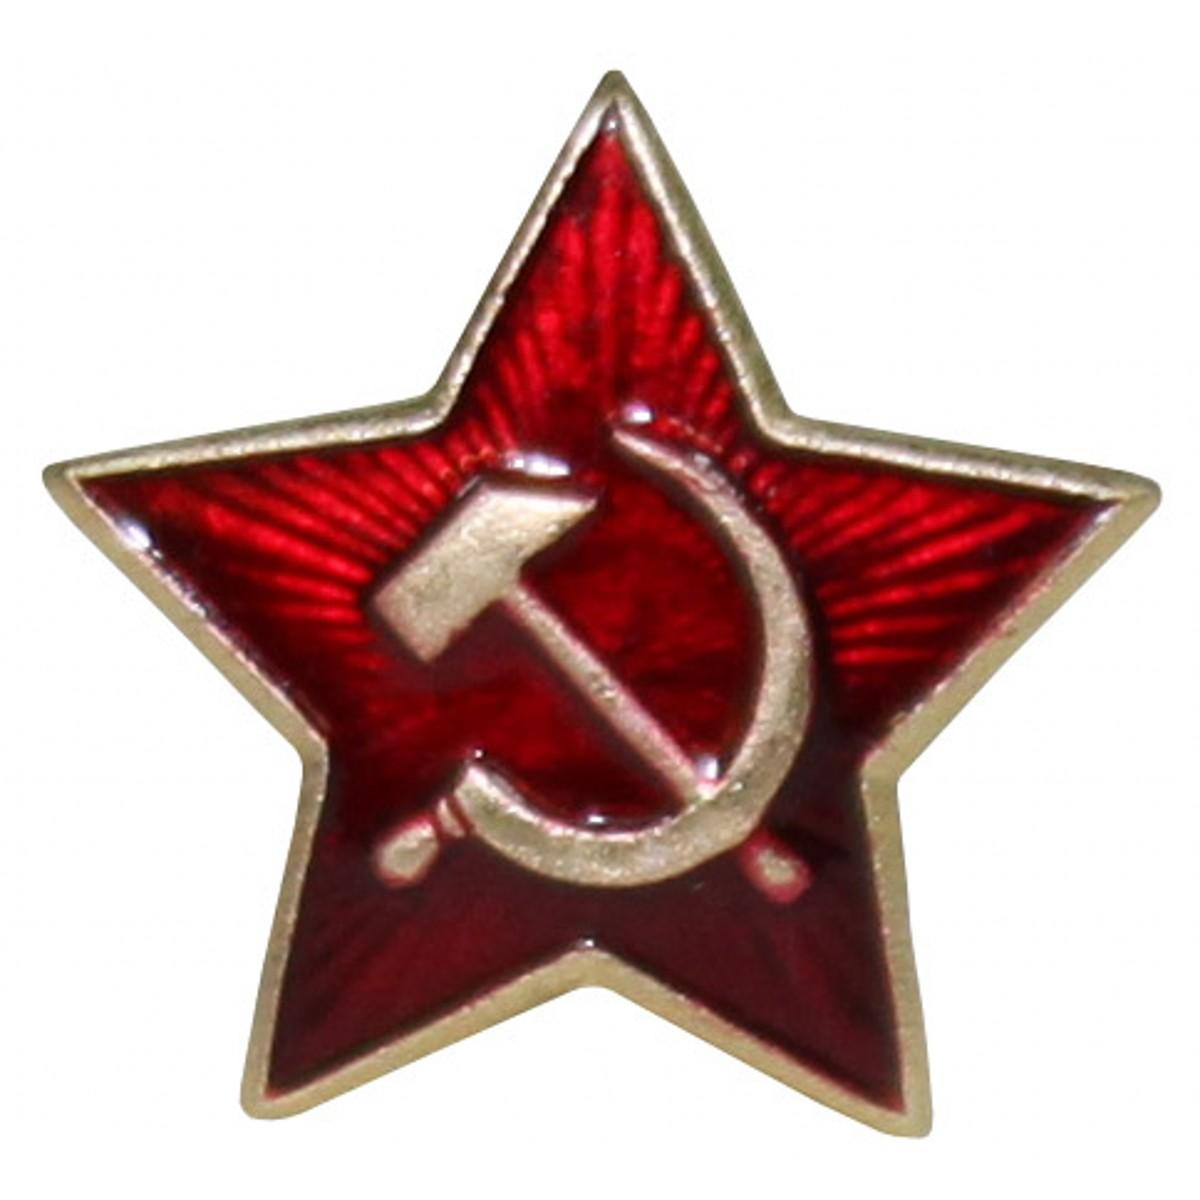 Odznak ruský hvězda /srp a kladivo/ velký Armáda Ruská 1620025 L-11